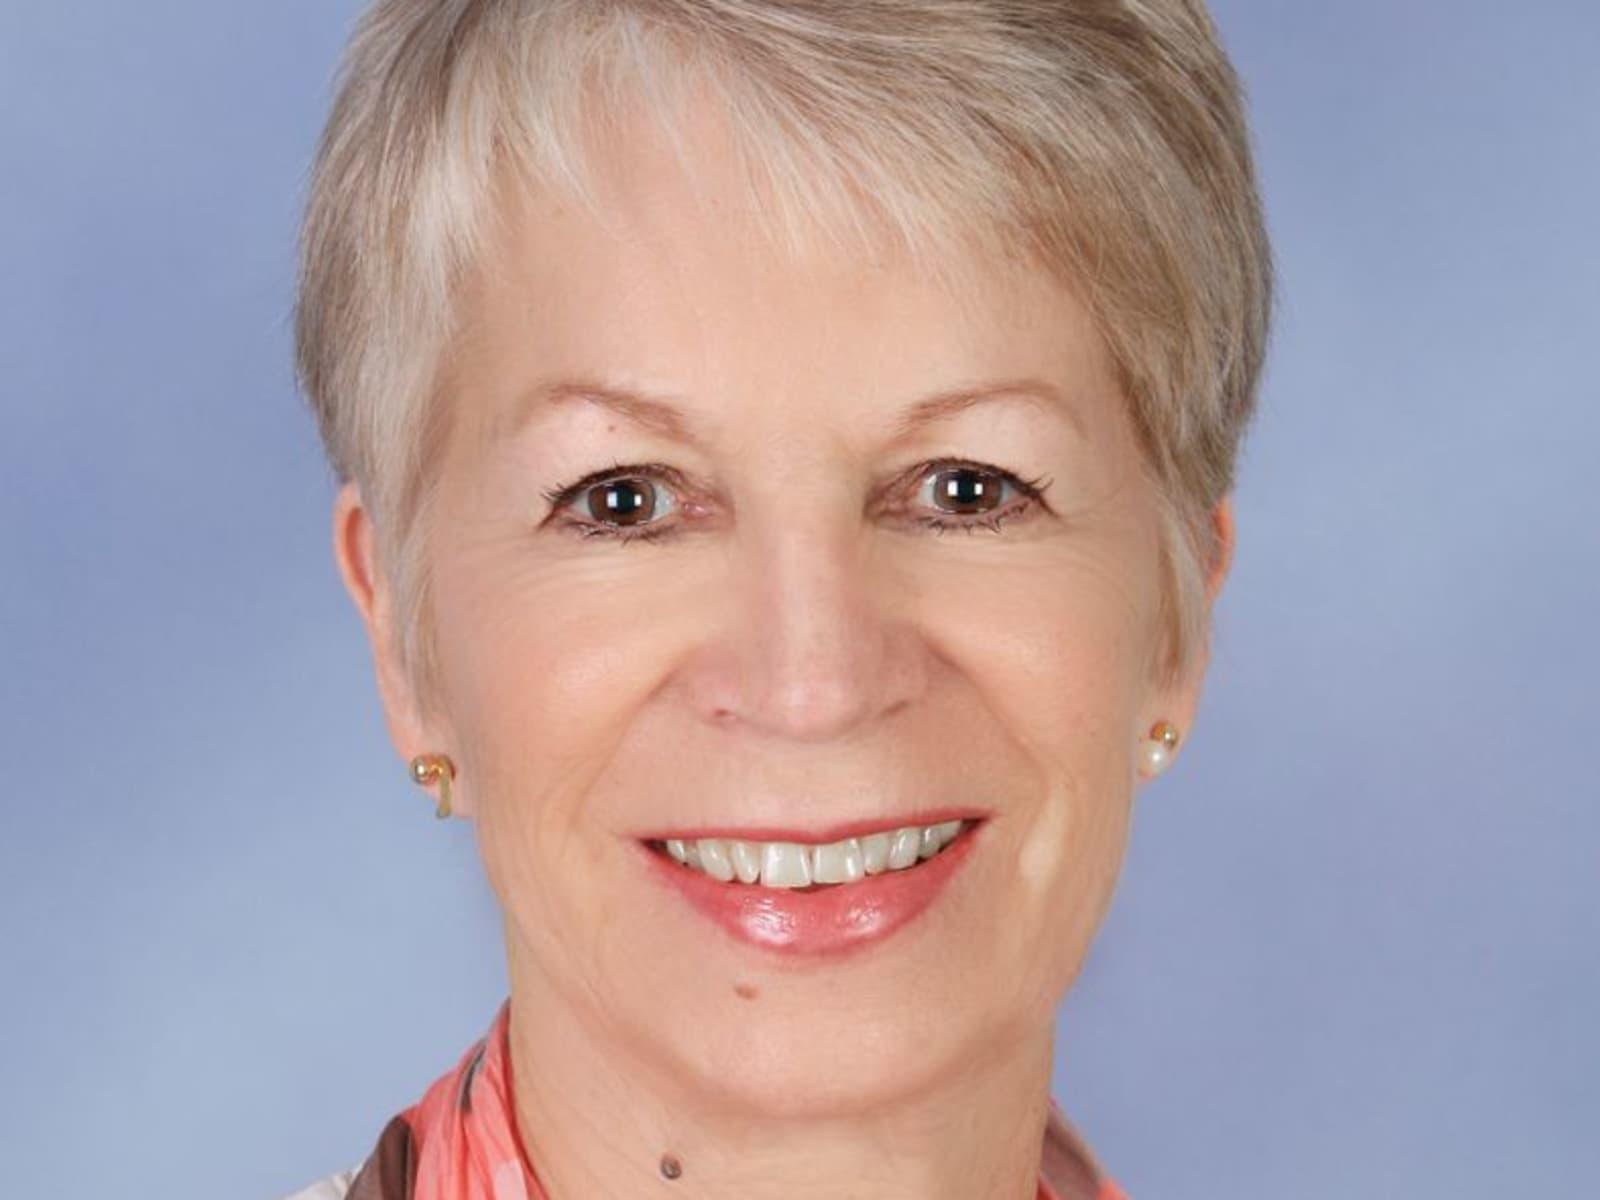 Anne from Brisbane, Queensland, Australia